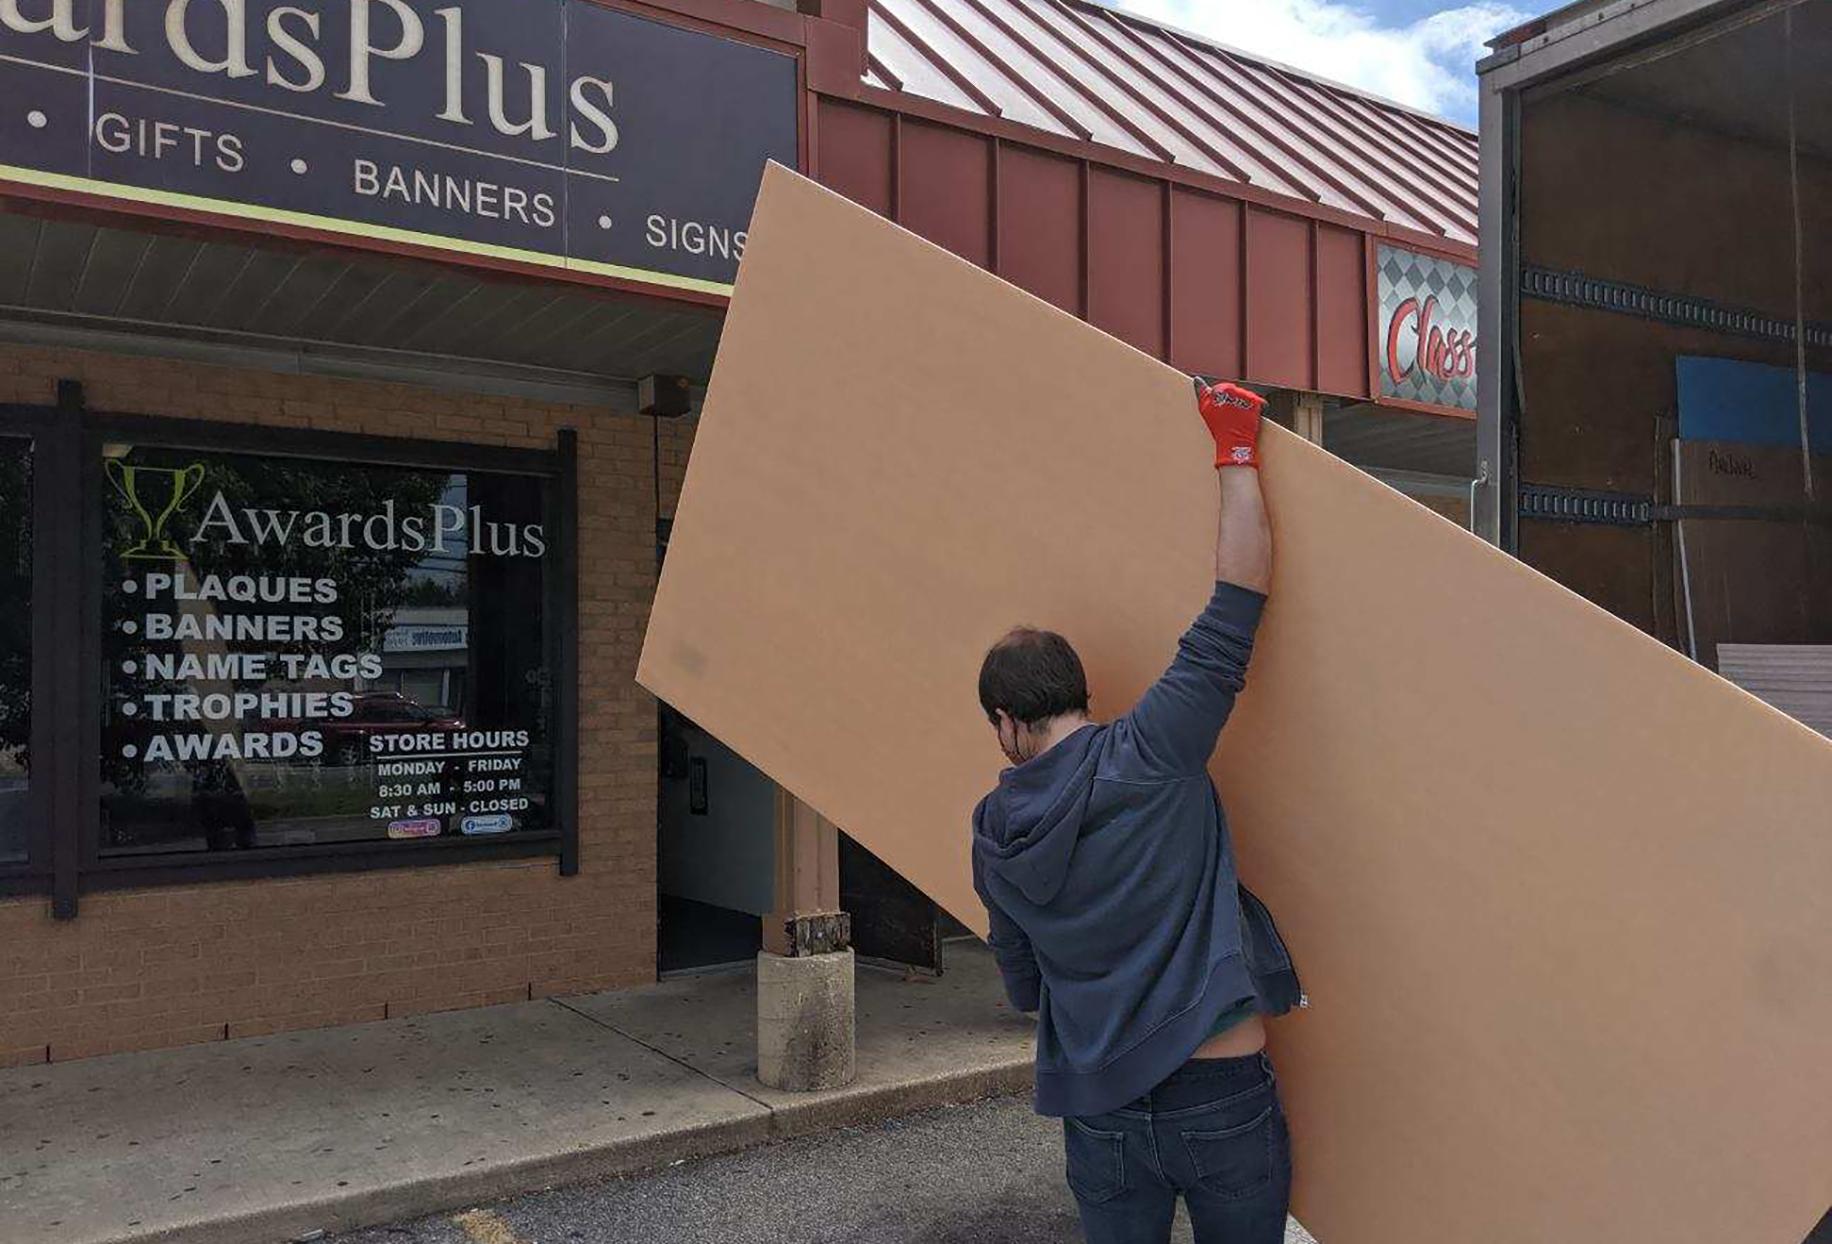 Man carries large acrylic sheet towards building